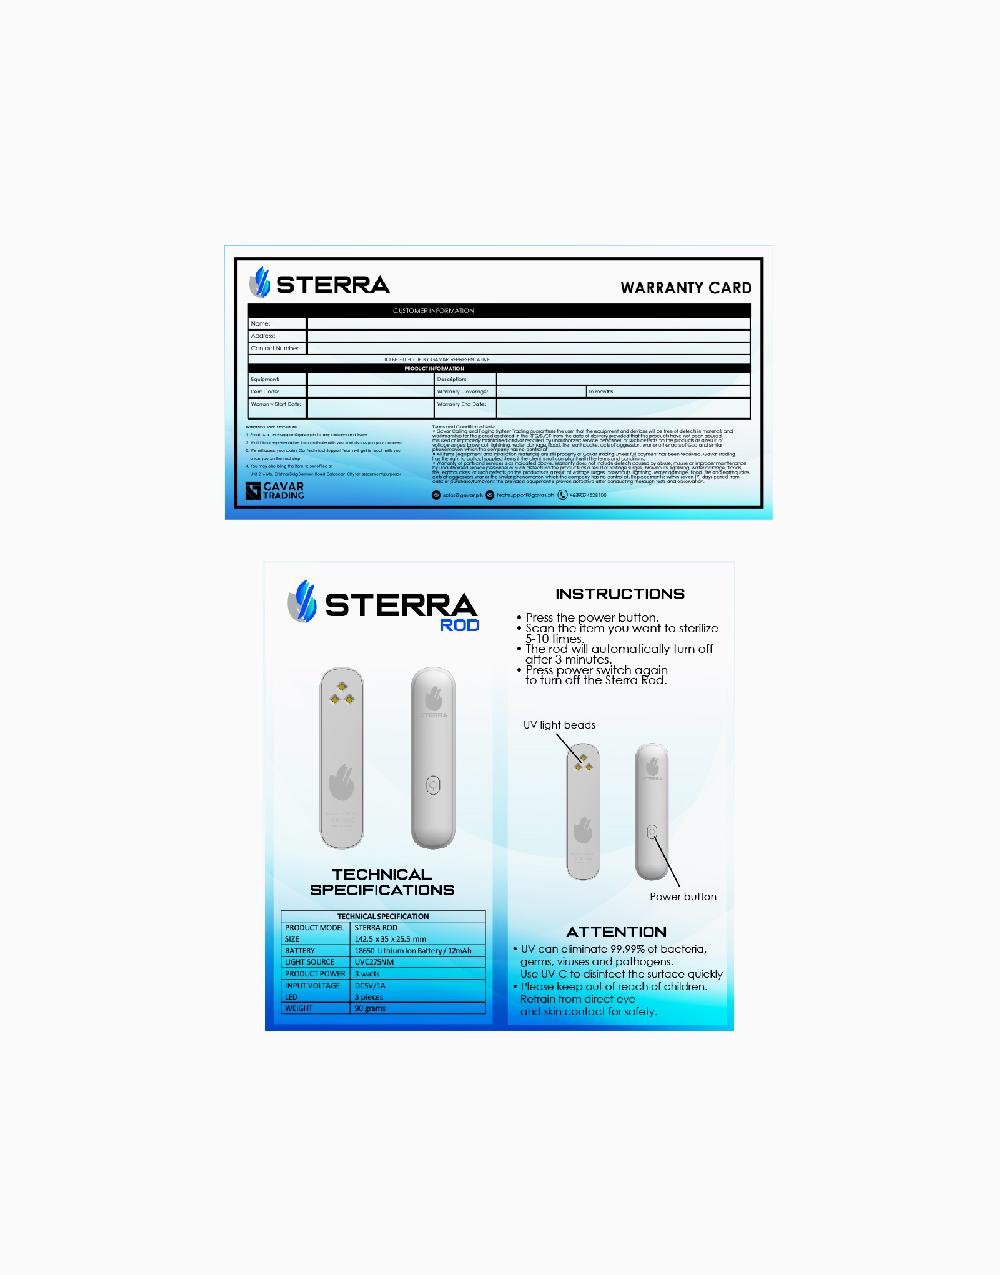 UV Rod by STERRA